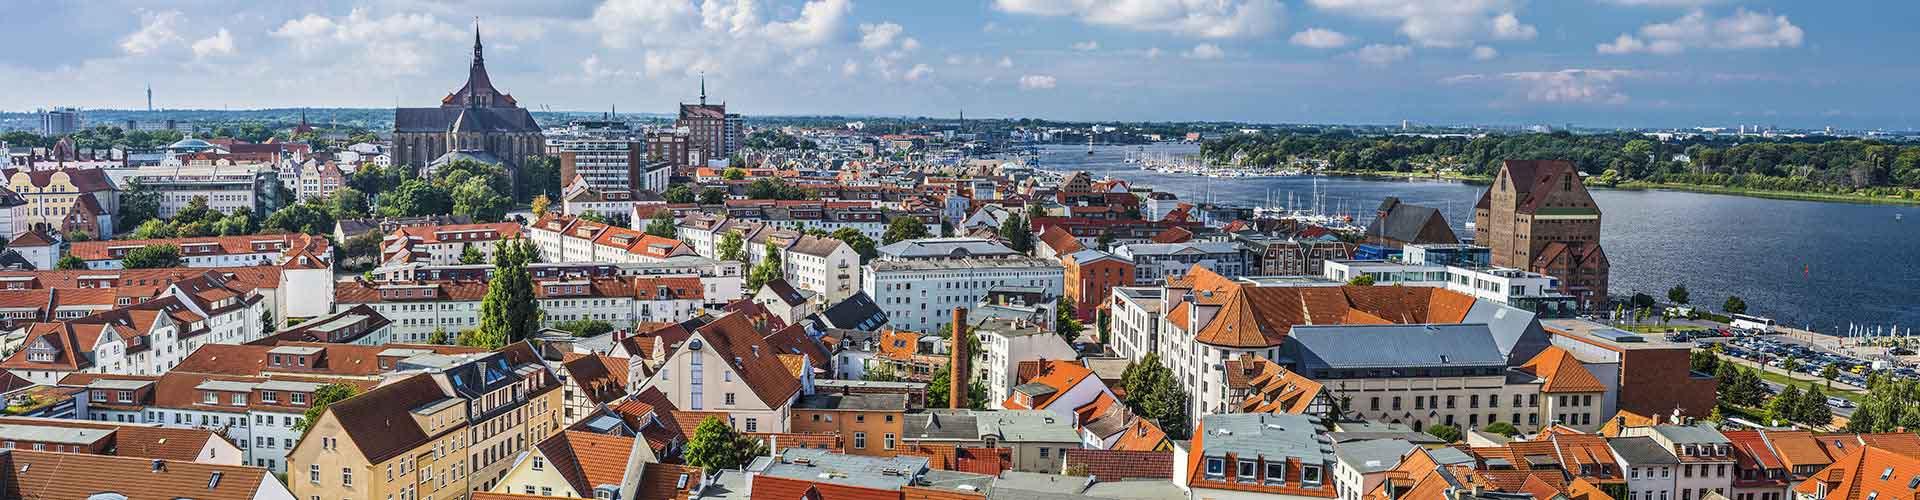 Rostock - Ifjúsági Szállások Rostockben. Rostock térképek, fotók és ajánlások minden egyes ifjúsági szállásokra Rostock-ben.